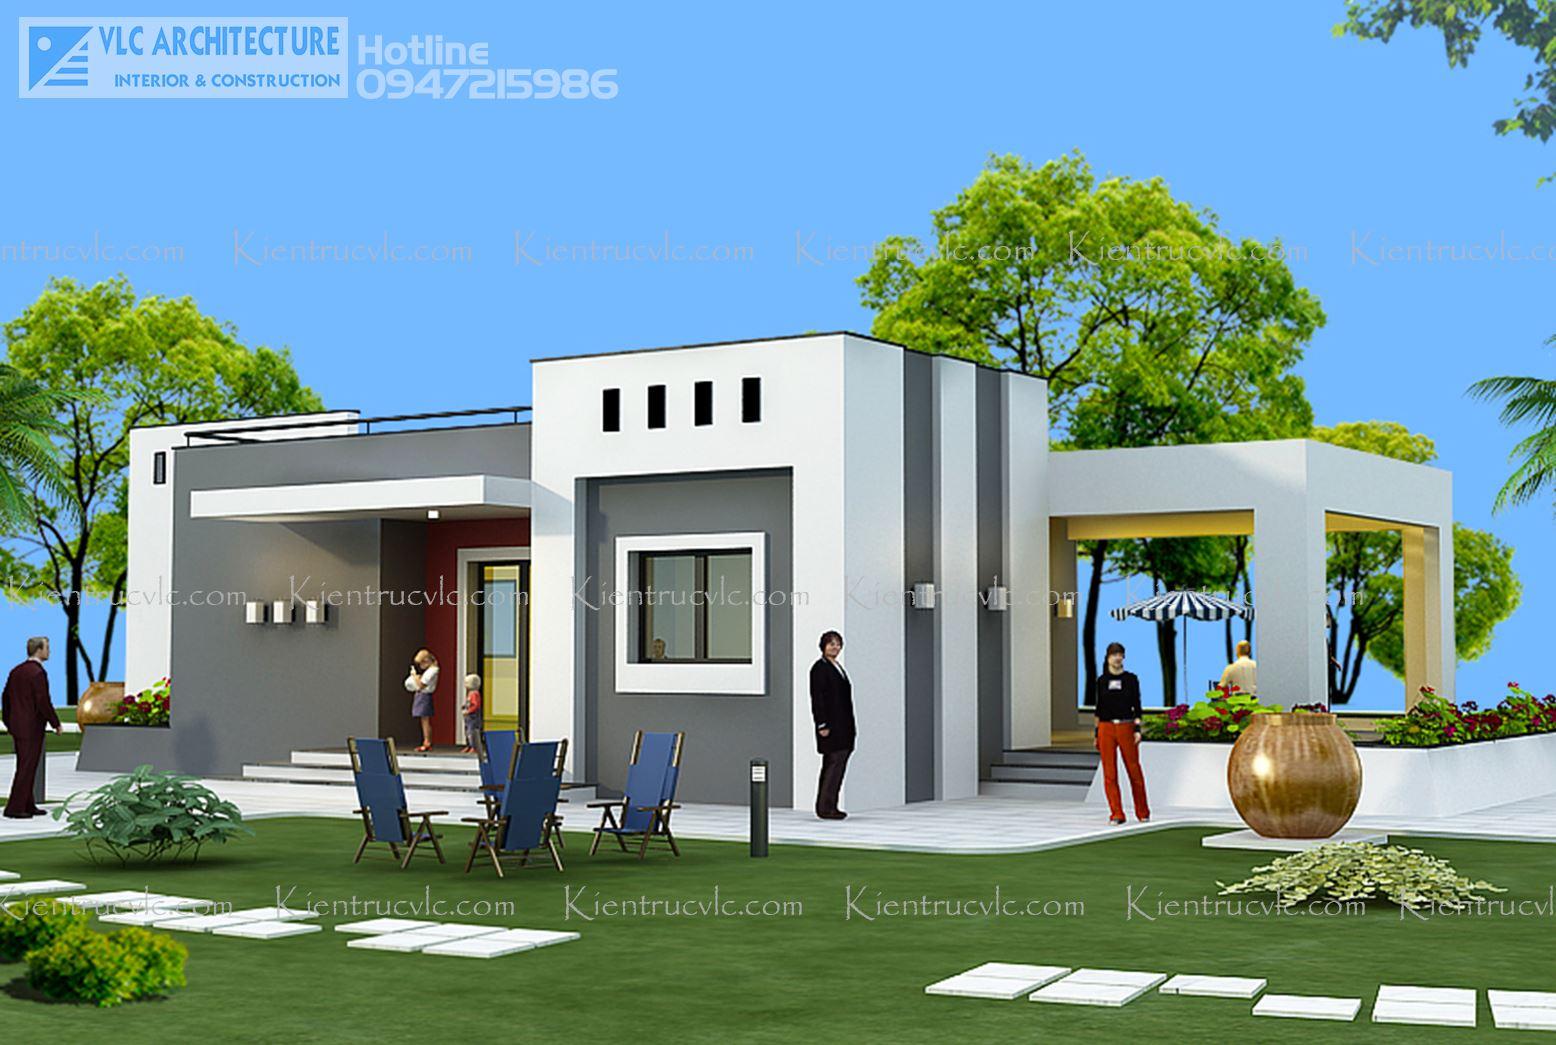 Abubaker-Rest house b